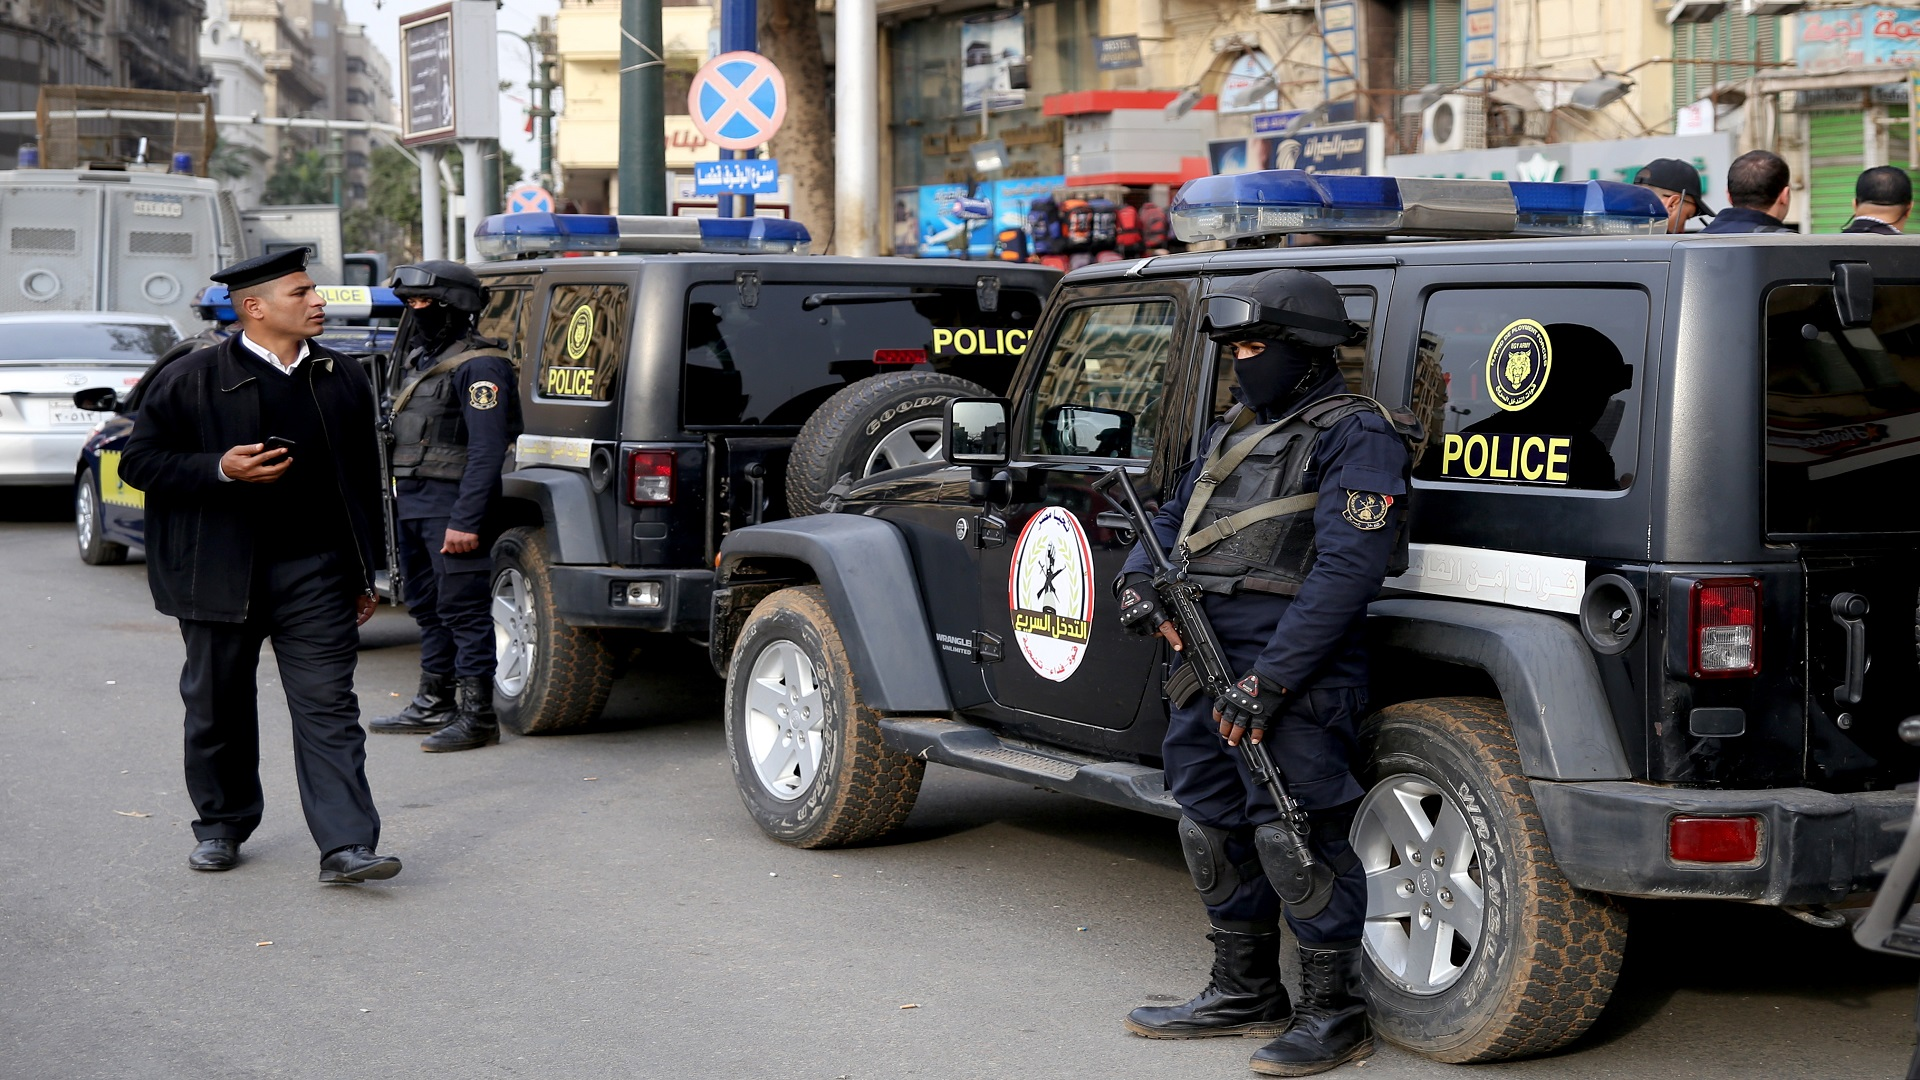 مصر: القبض على شبكة للأعمال المنافية للآداب داخل حي راقٍ.. بينهم رجال ونساء من عائلات شهيرة